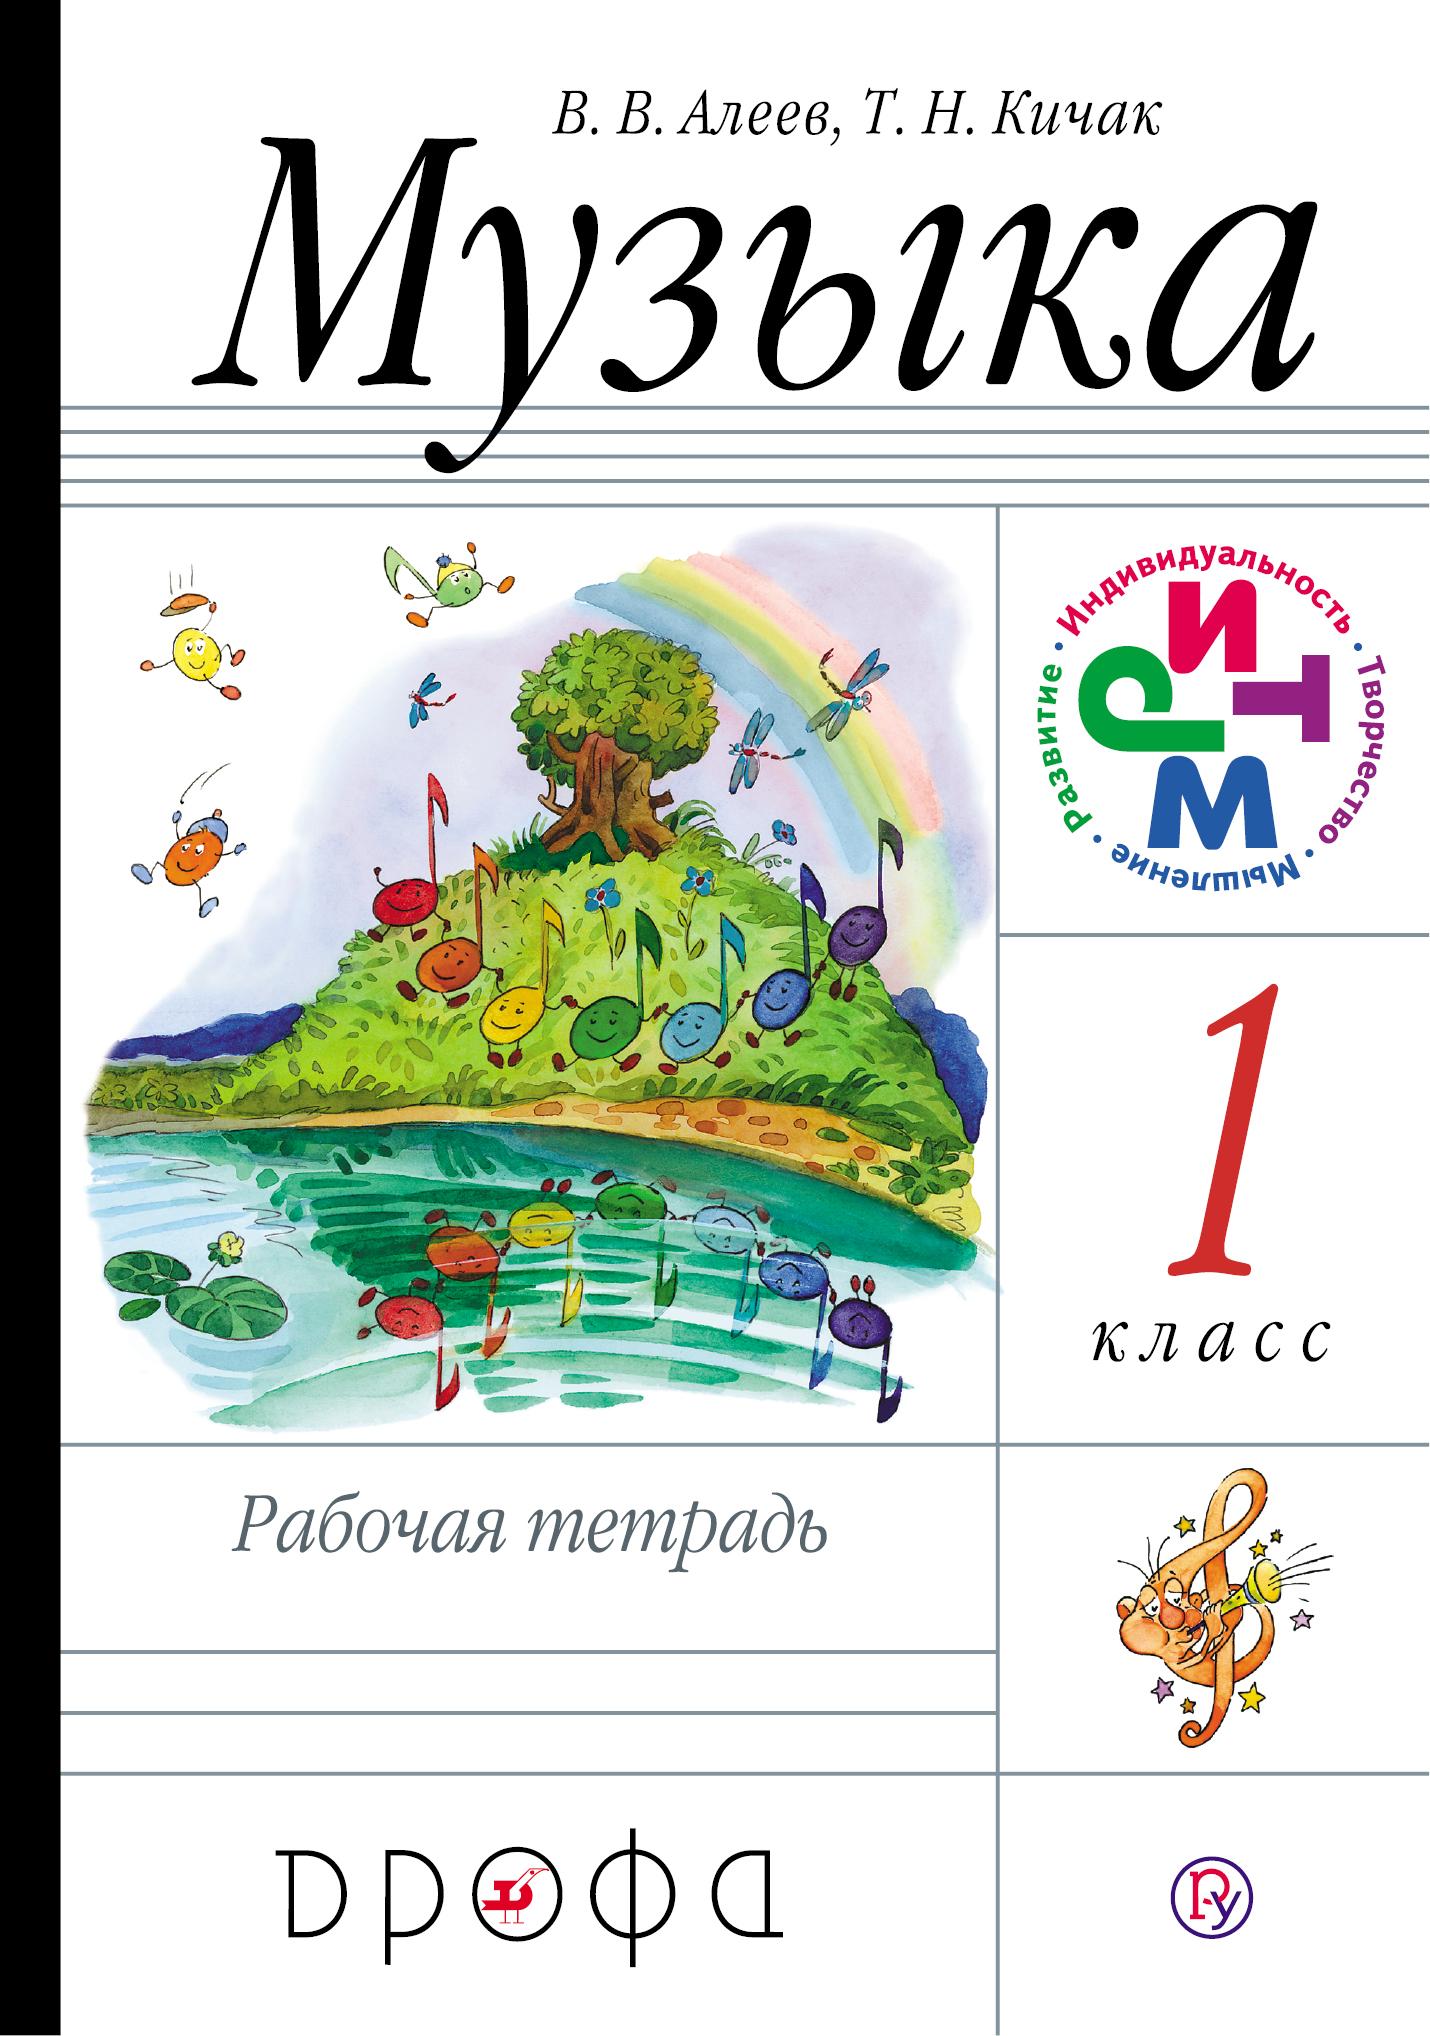 Алеев В.В., Кичак Т.Н. Музыка. 1 класс. Рабочая тетрадь. музыка 6 класс рабочая тетрадь фгос